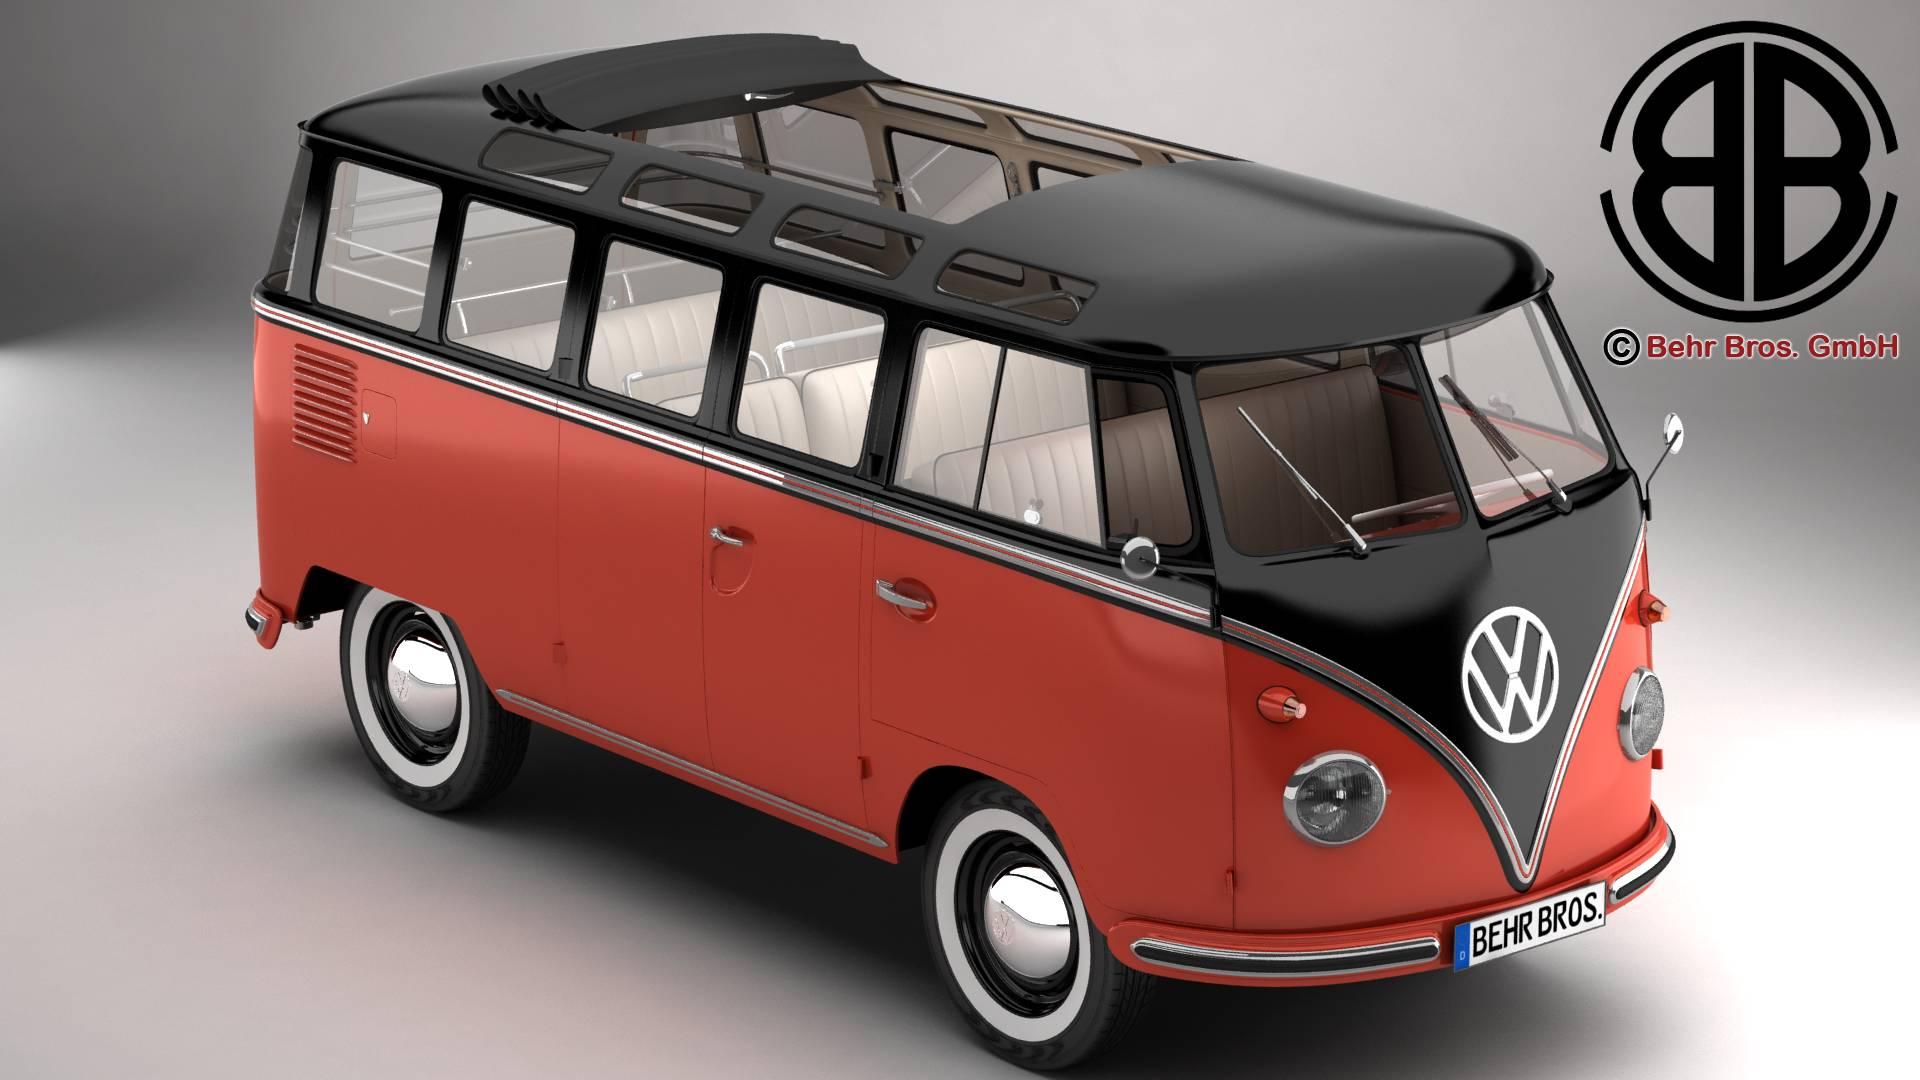 teip volkswagen 2 samba 1959 3d model 3ds max fbx c4d am fwy o wybodaeth 217104